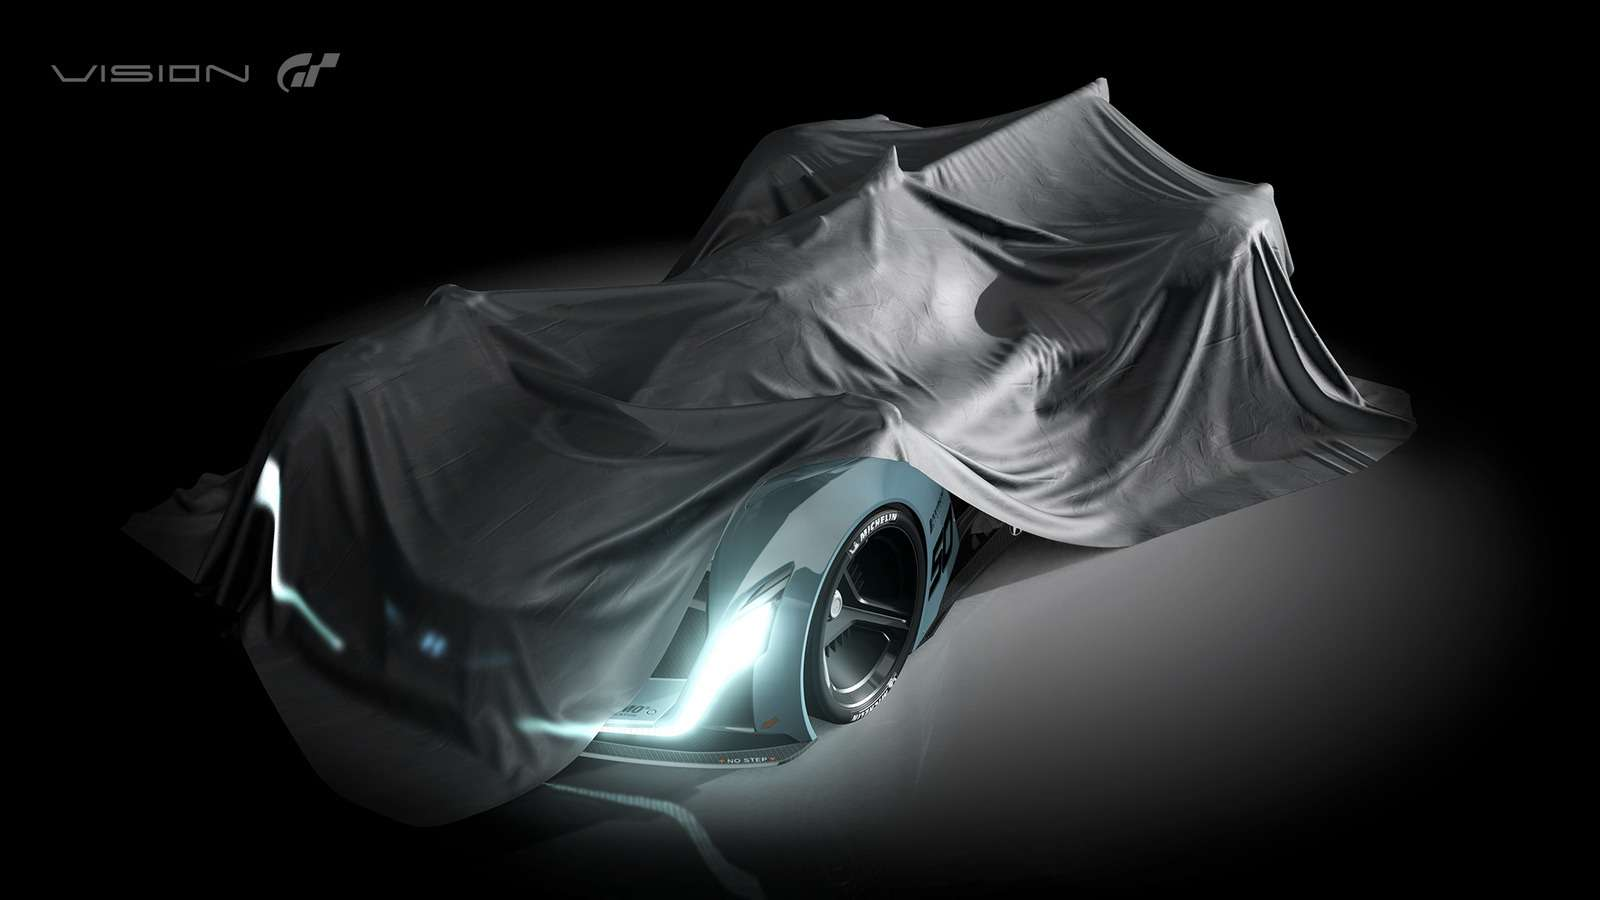 Hyundai-N-2025-Vision-Gran-Turismo-4